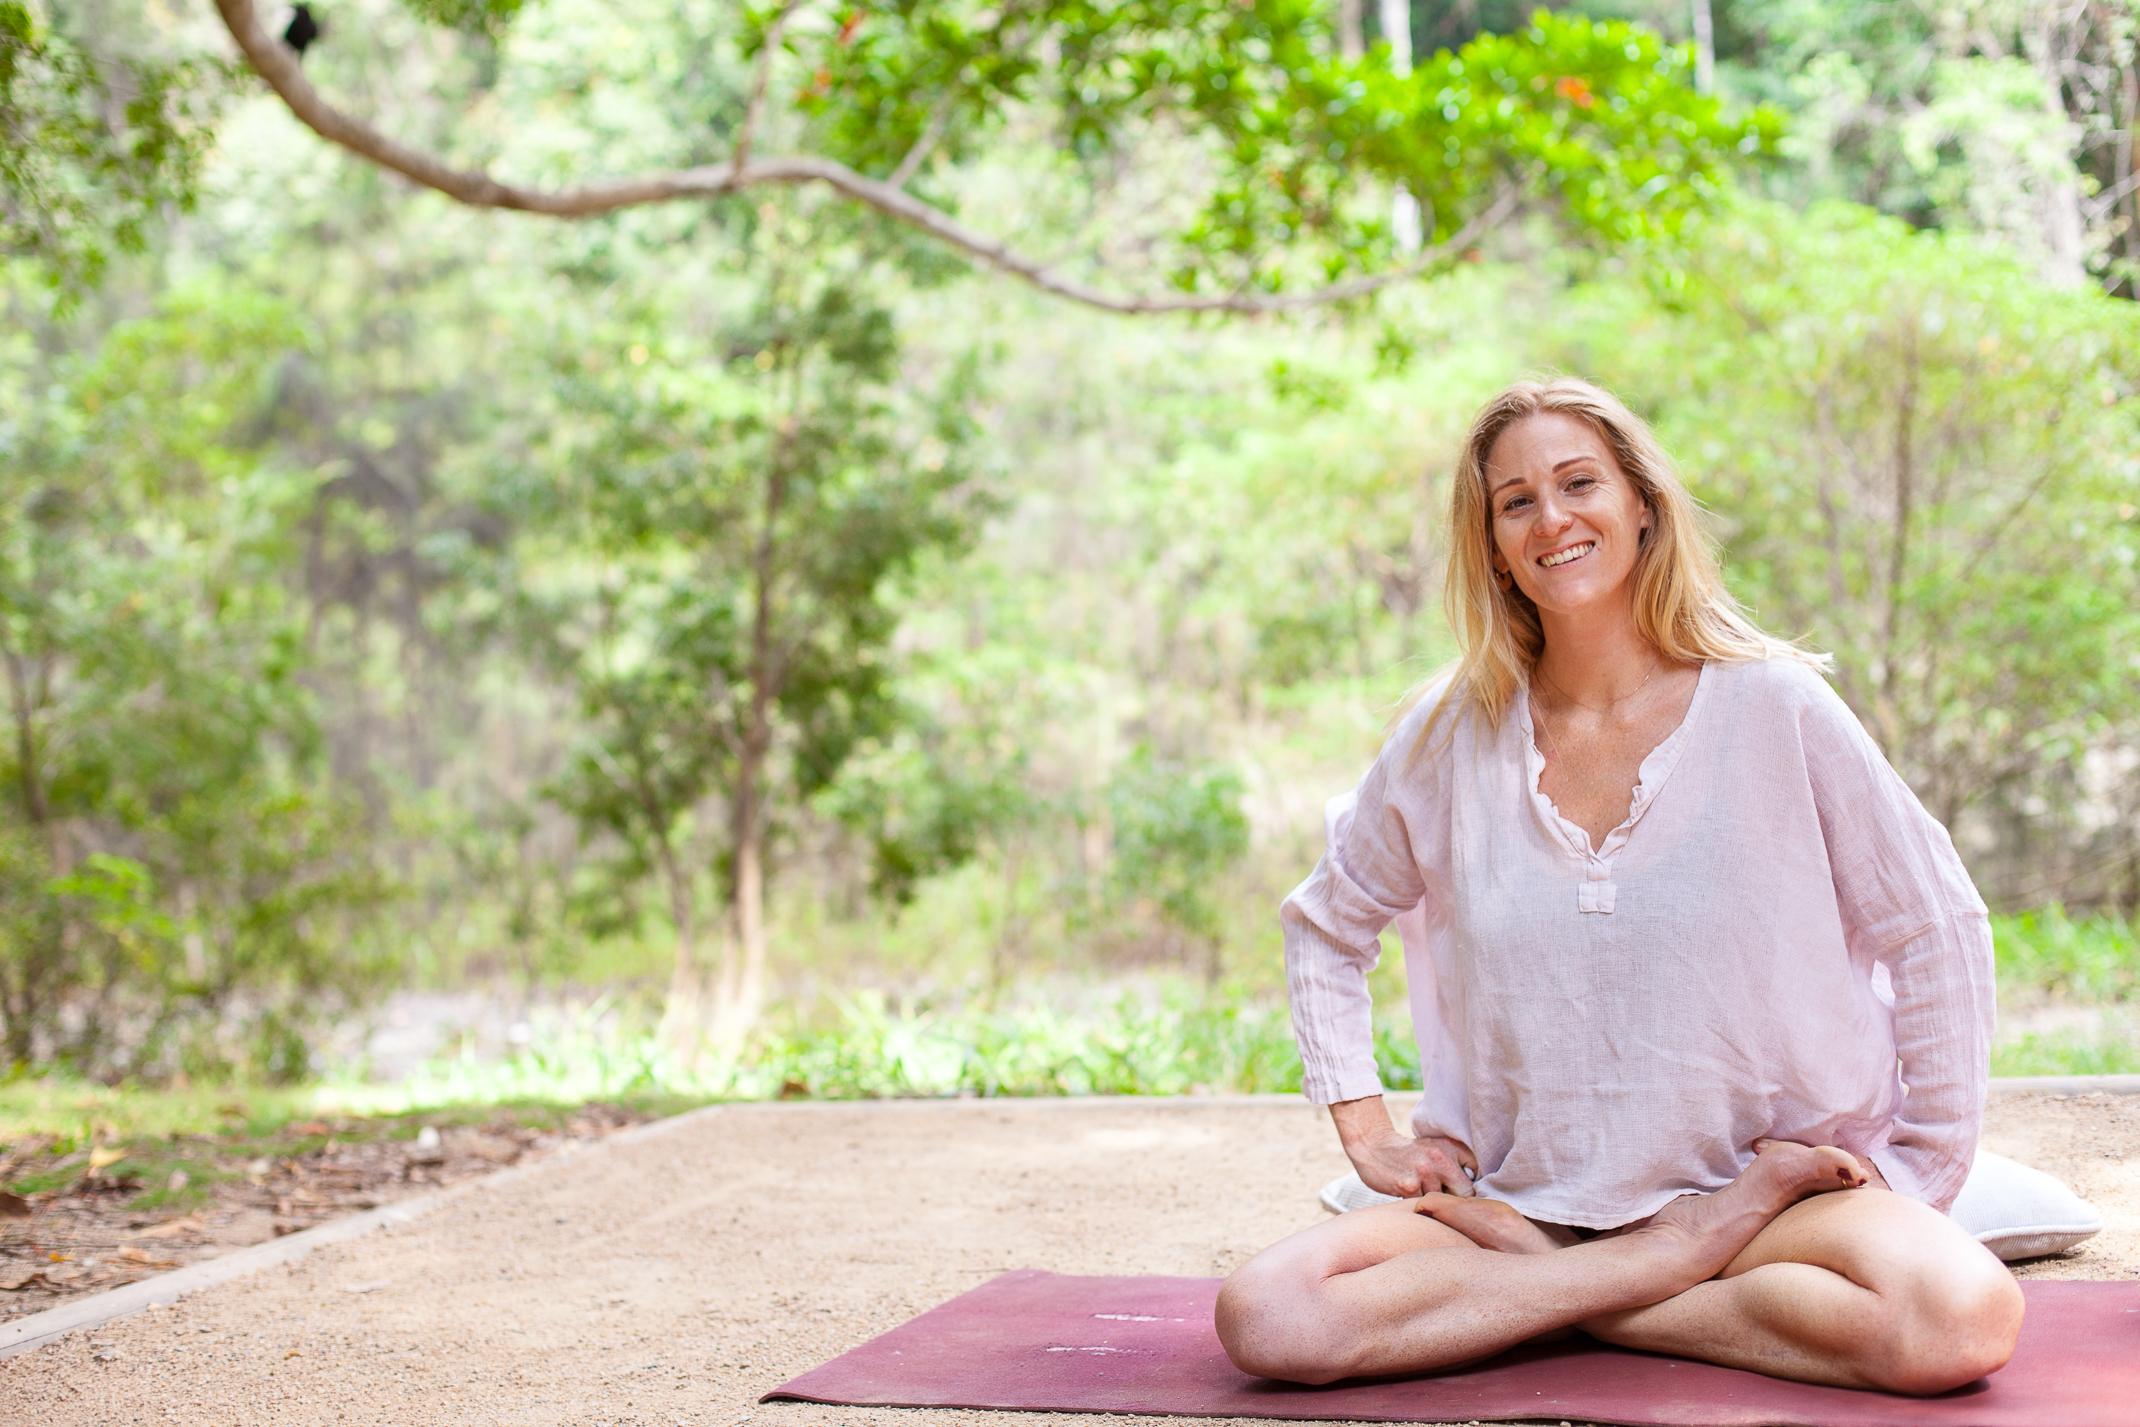 Mell yoga booloumba march 2019-22.jpg